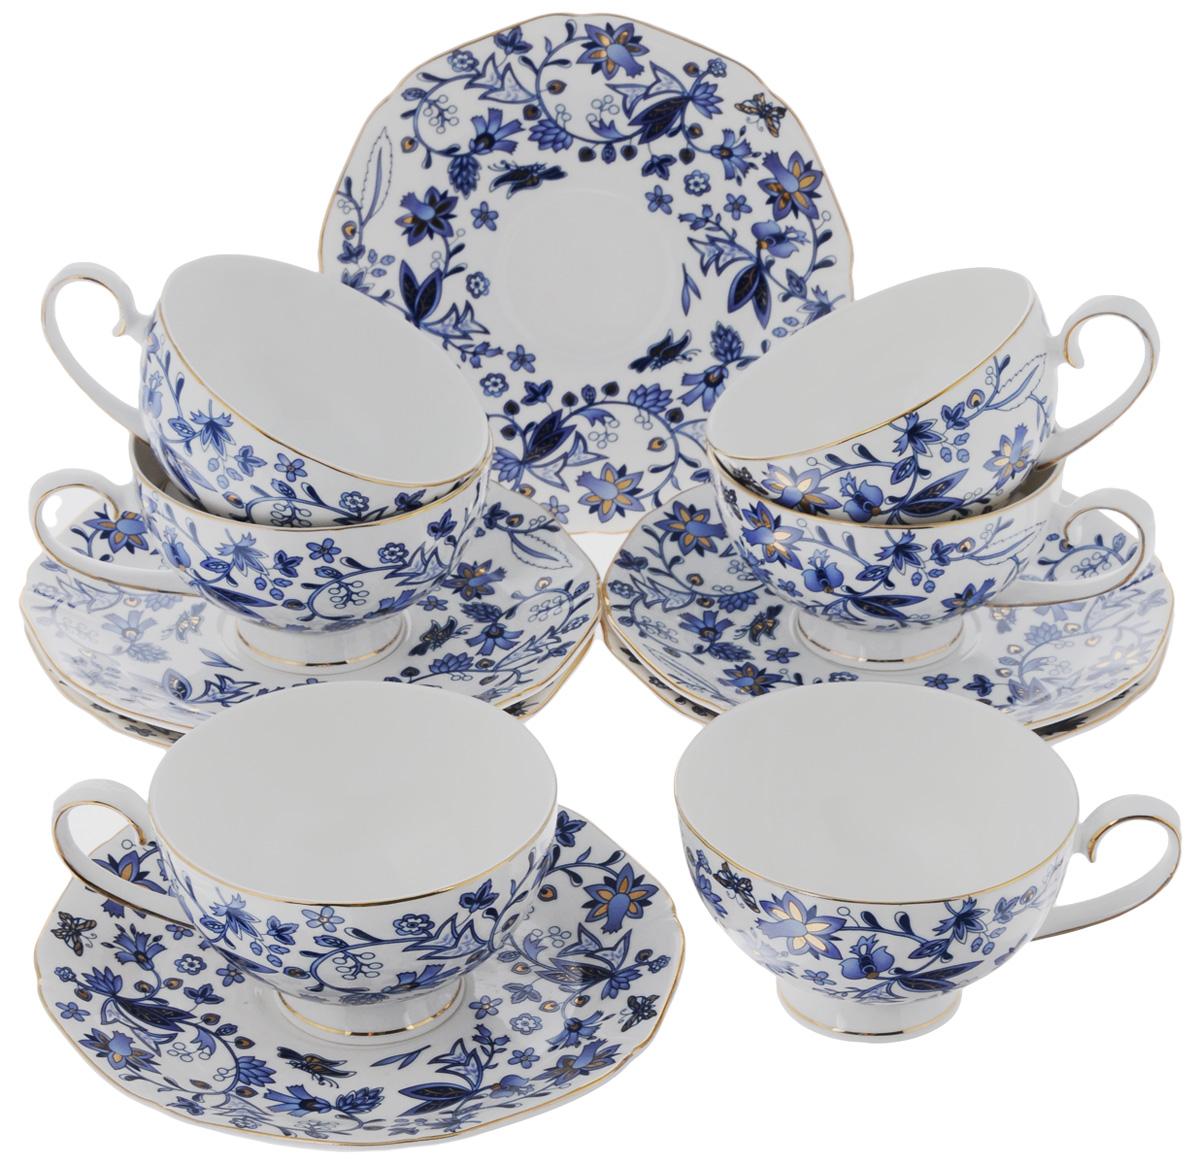 Набор чайный Elan Gallery Изысканность, 12 предметовVT-1520(SR)Чайный набор Elan Gallery Изысканностьсостоит из 6 чашек и 6 блюдец. Изделия, выполненные из высококачественной керамики, имеют элегантный дизайн и классическую круглую форму.Такой набор прекрасно подойдет как для повседневного использования, так и для праздников. Чайный набор Elan Gallery Изысканность - это не только яркий и полезный подарок для родных и близких, а также великолепное решение для вашей кухни или столовой. Не использовать в микроволновой печи.Объем чашки: 250 мл. Диаметр чашки (по верхнему краю): 10 см. Высота чашки: 6,5 см.Размер блюдца (по верхнему краю): 16,5 х 16,5 см.Высота блюдца: 2 см.